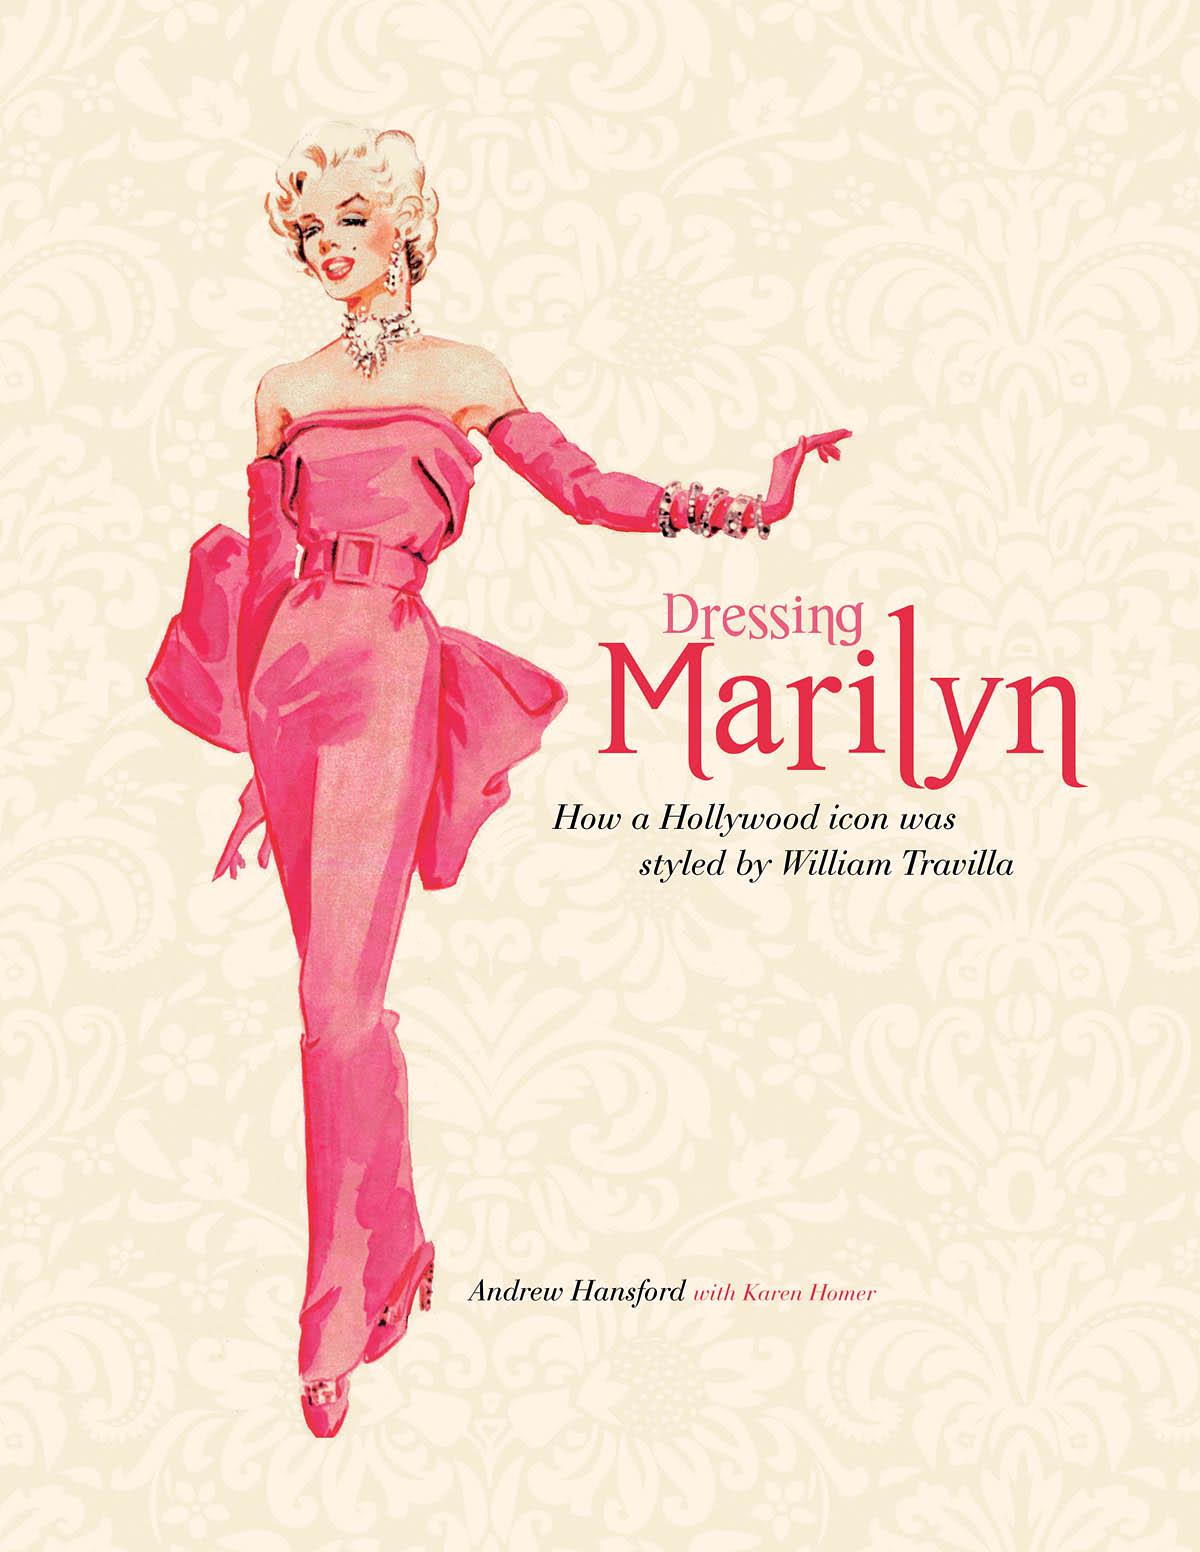 http://2.bp.blogspot.com/-s48B0hPa22w/ULBaPR4QTOI/AAAAAAAADyQ/lqv6Jq-4mpg/s1600/Hollywood+books+dressing-marilyn.png